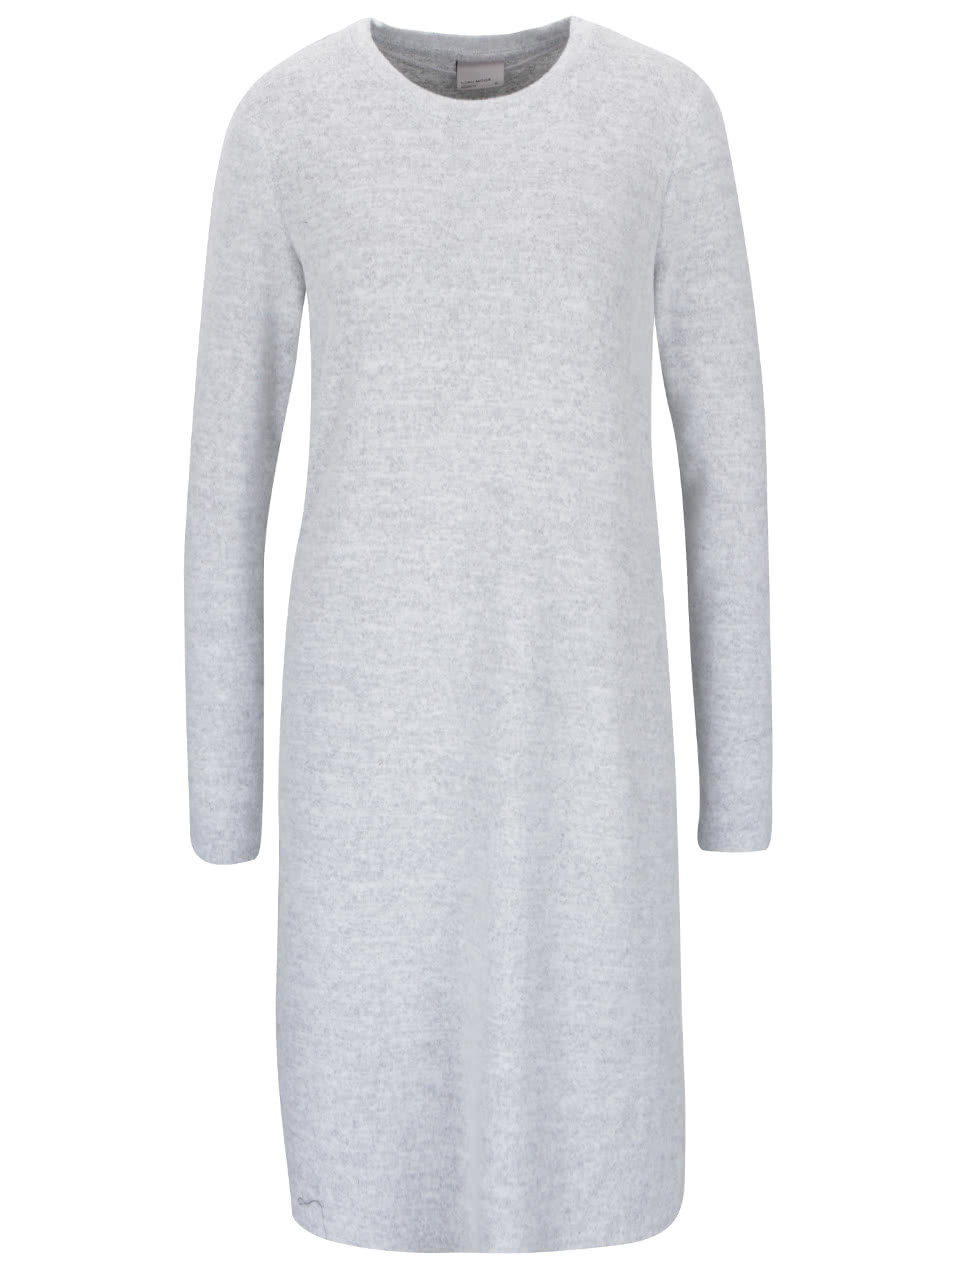 8bbfcab2d1b Světle šedé úpletové šaty s dlouhým rukávem a rozparky VERO MODA Fallon ...